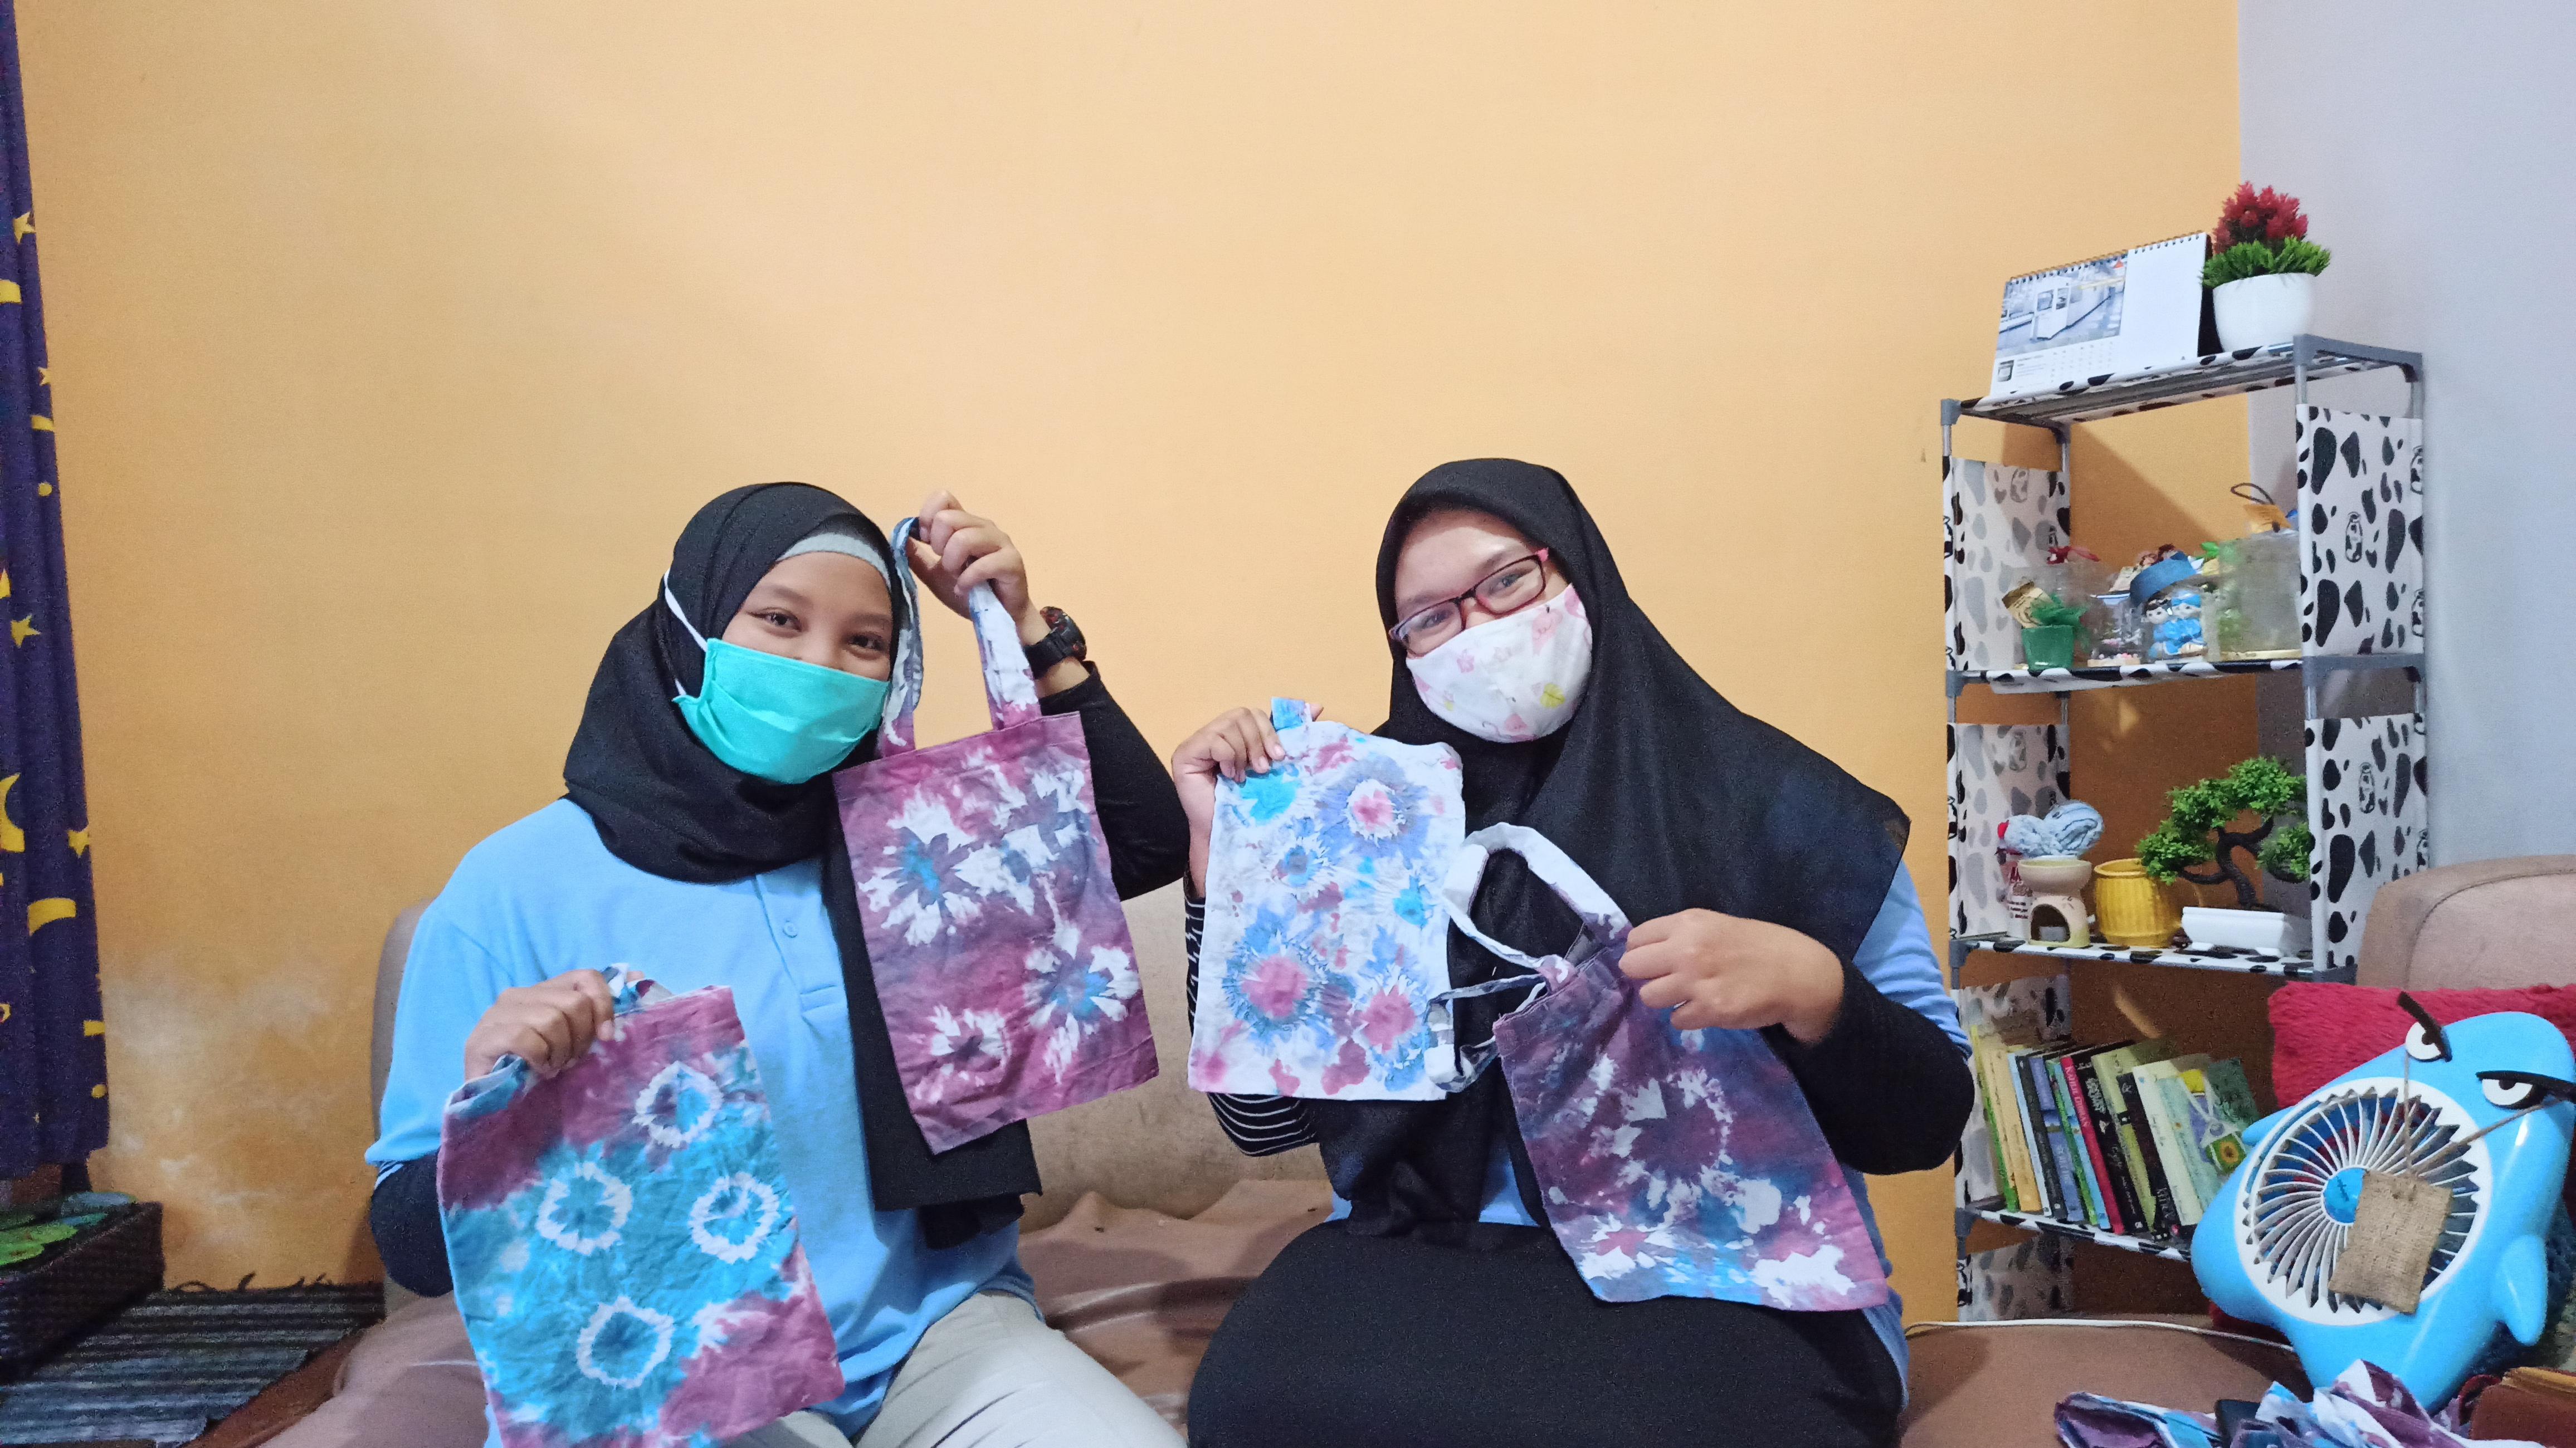 Mahasiswa KKN UM berfoto dengan tas tote bermotif batik jumput yang sudah jadi